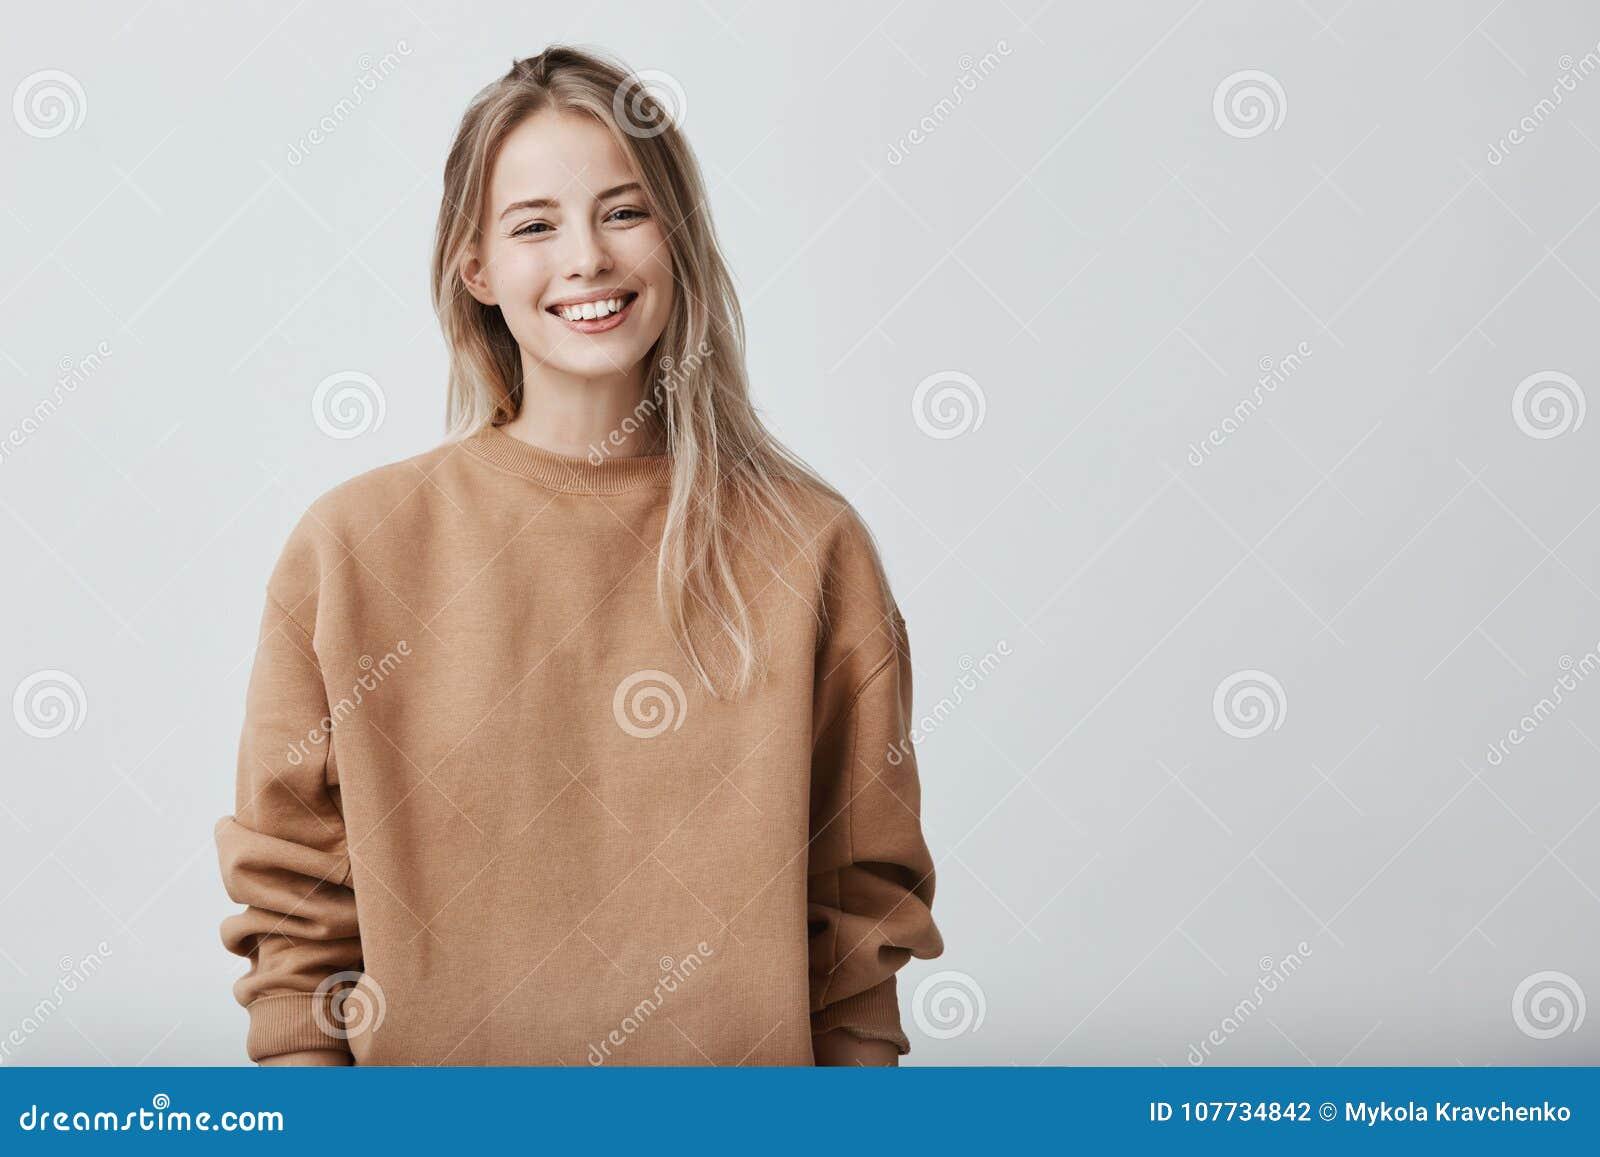 8aed1489df6f5e Vrolijk positief vrouwelijk kereltje met terloops gekleed blondehaar, blij  om graduatiegelukwensen van te ontvangen